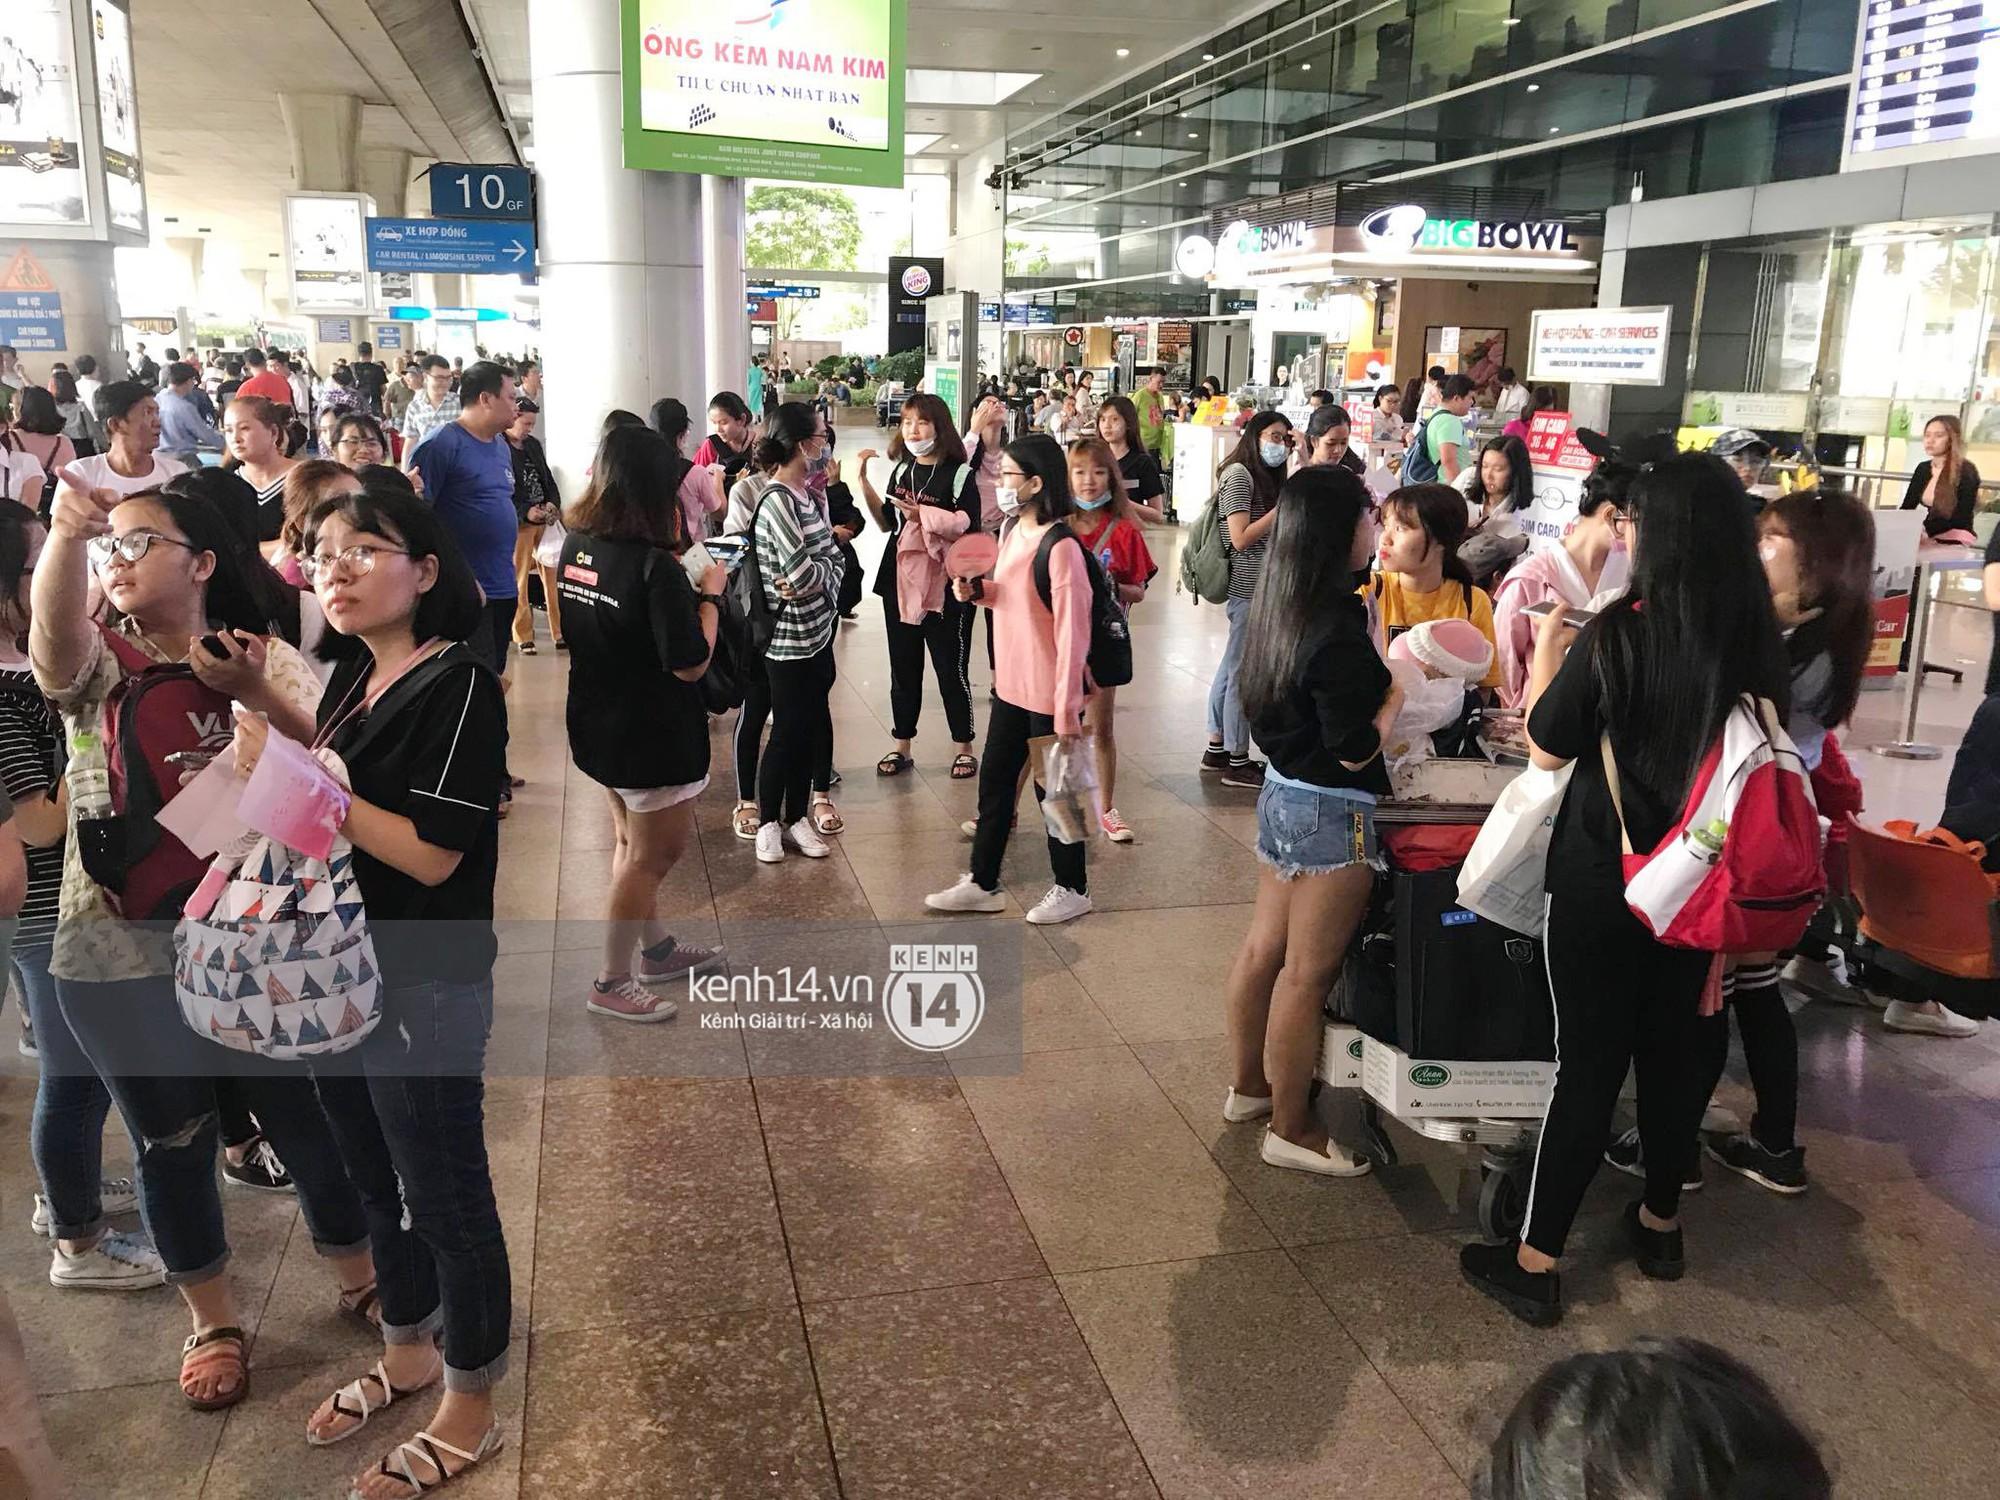 Fan Việt chiếm đóng nửa sân bay Tân Sơn Nhất chỉ để đón chờ WANNA ONE - Ảnh 7.